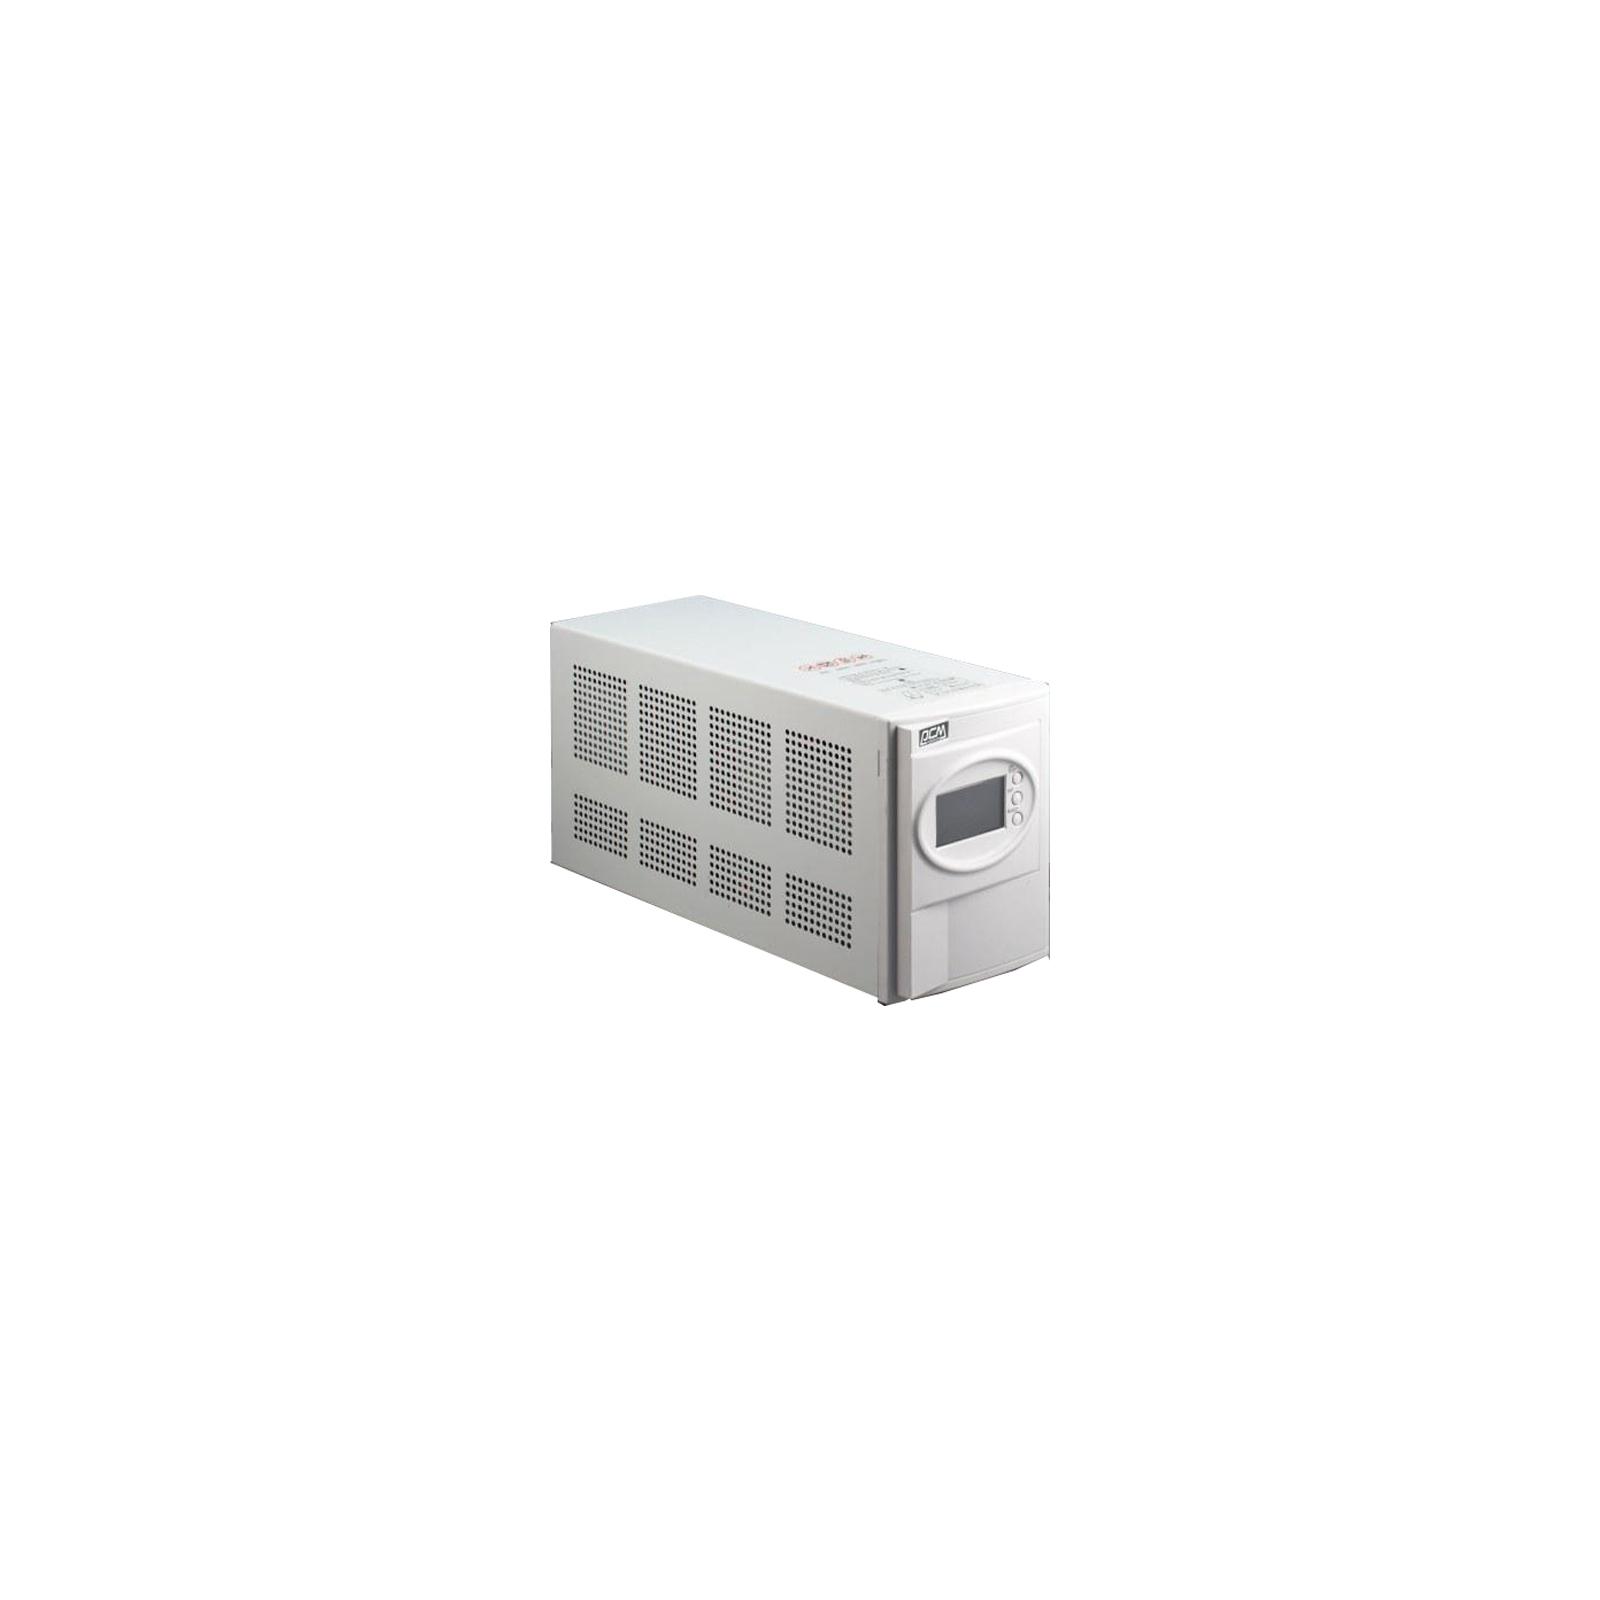 Источник бесперебойного питания Powercom SXL-1000A-LCD (SXL-1K0A-6GC-2440) изображение 3